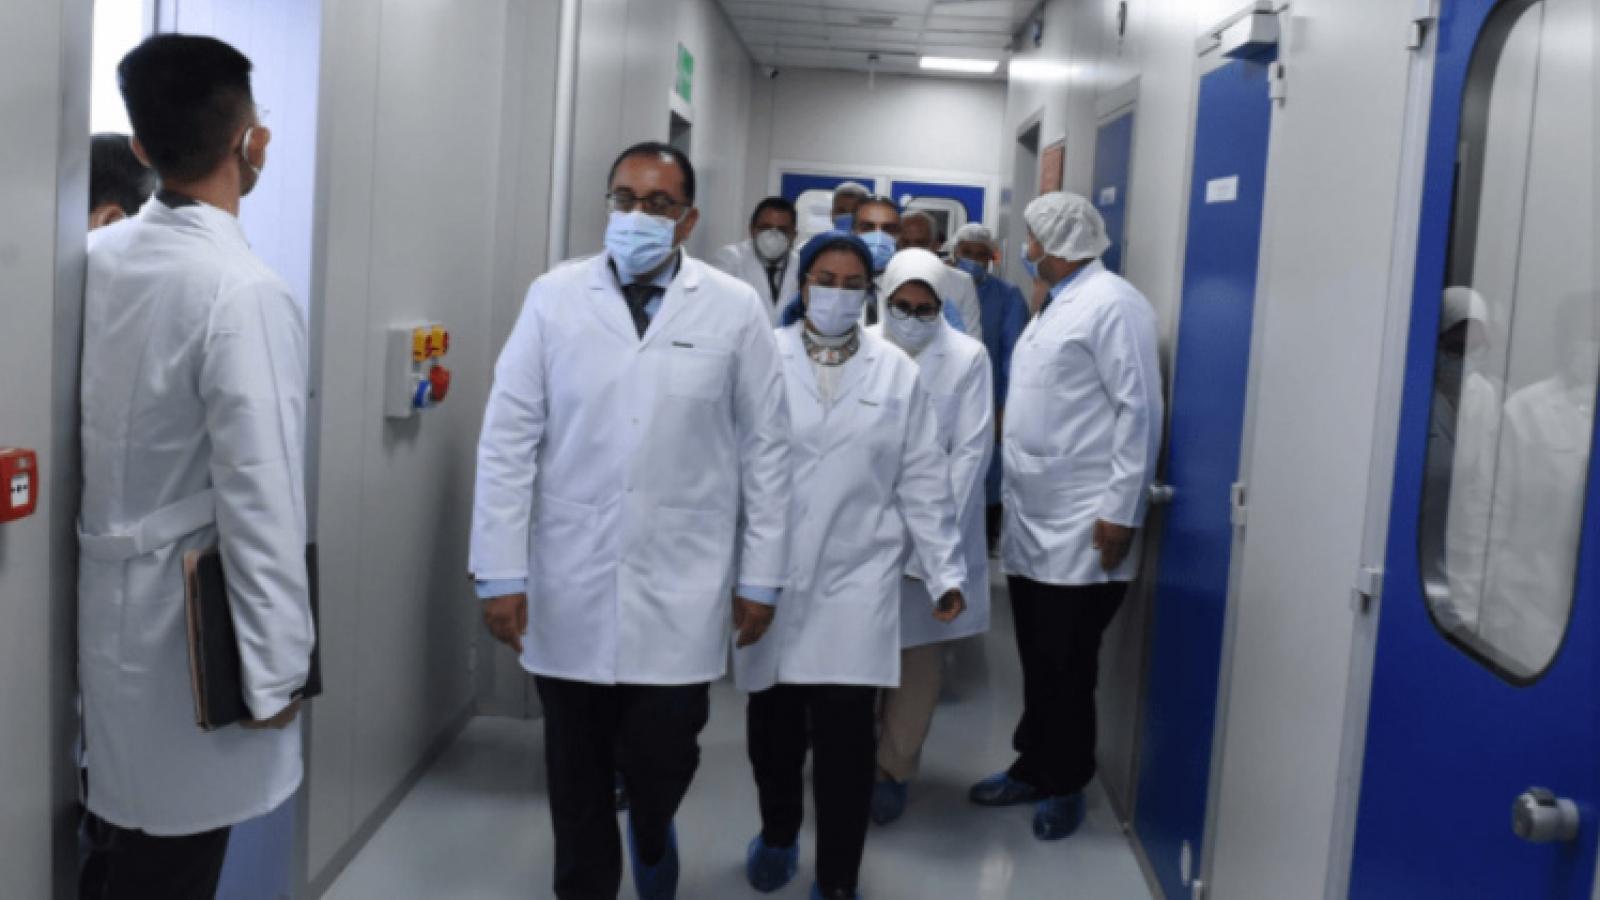 Ai Cập tự cung tự cấp trong sản xuất vaccine ngừa Covid-19